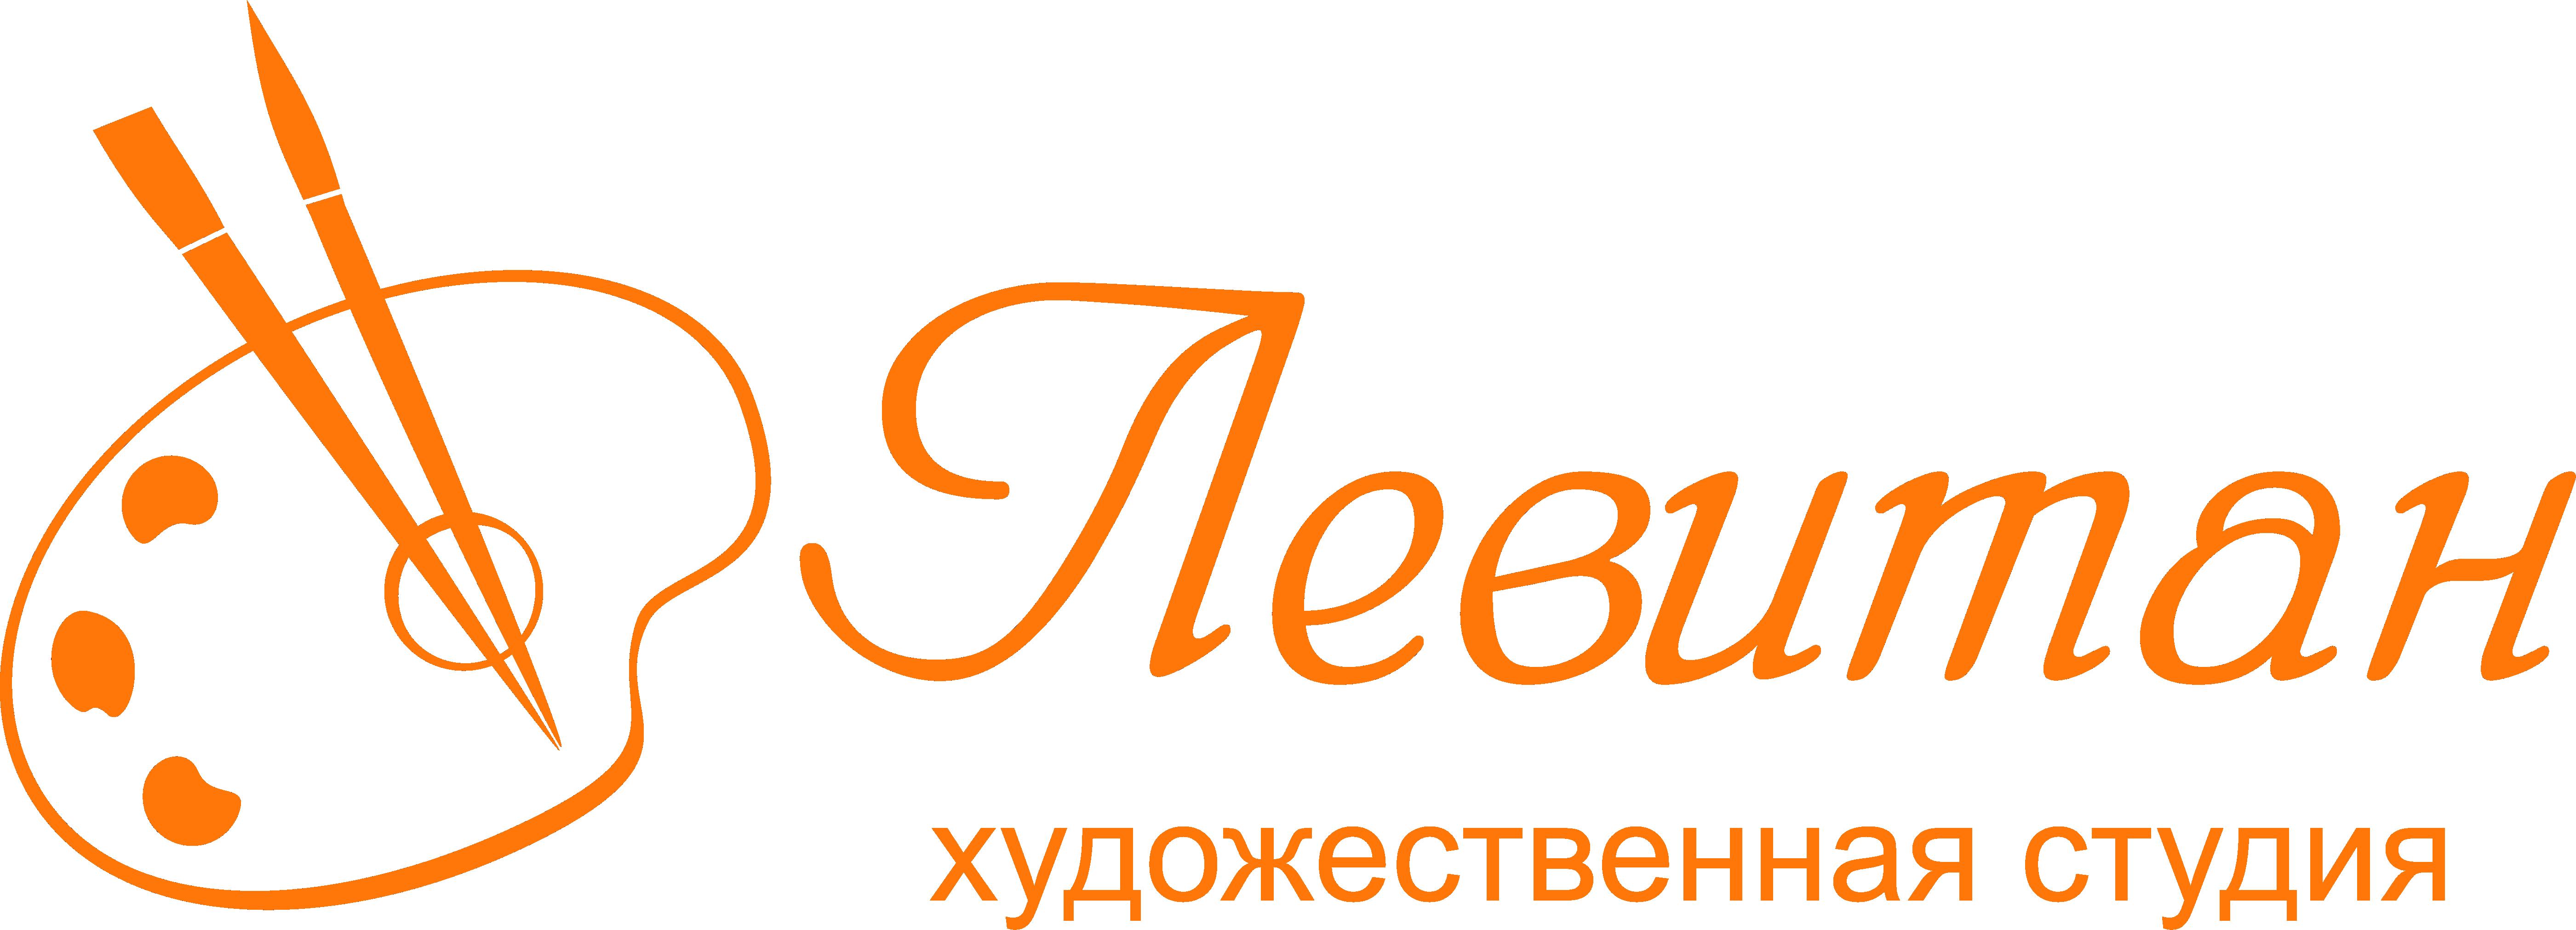 Левитан, логотип